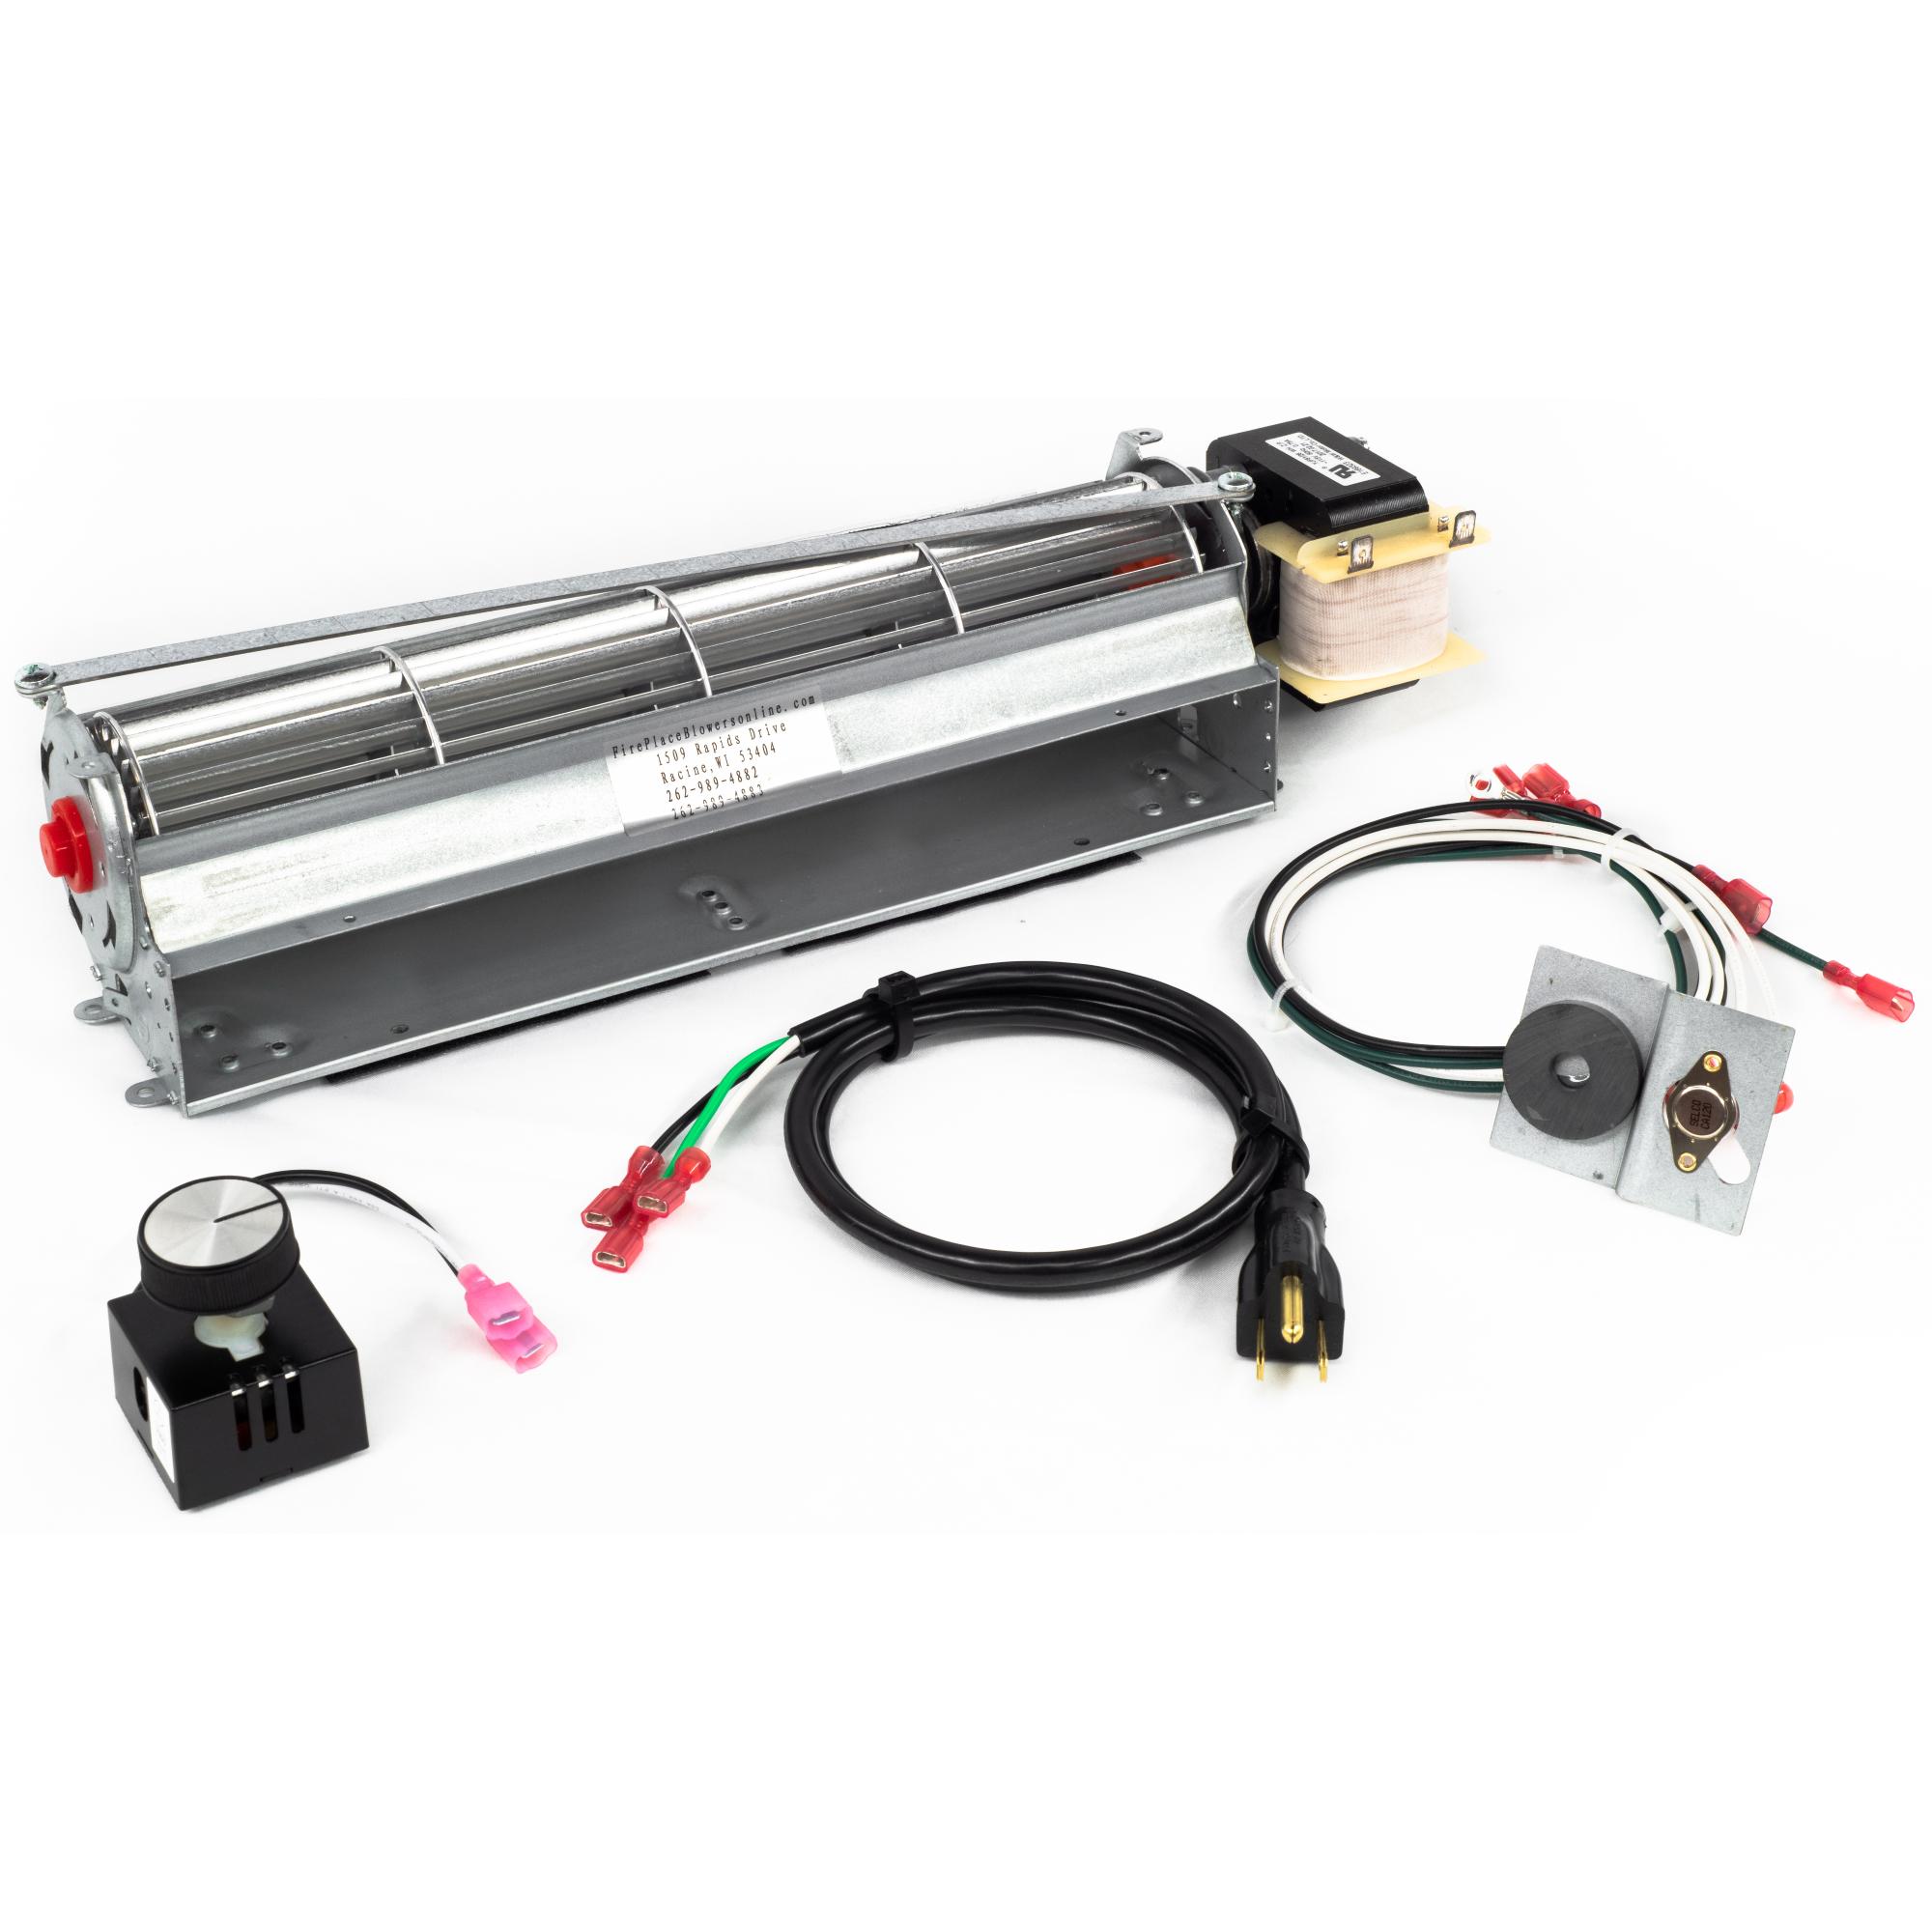 BKT Blower Fan Kit for Desa, FMI, Vanguard, Vexar & Astria Fireplaces